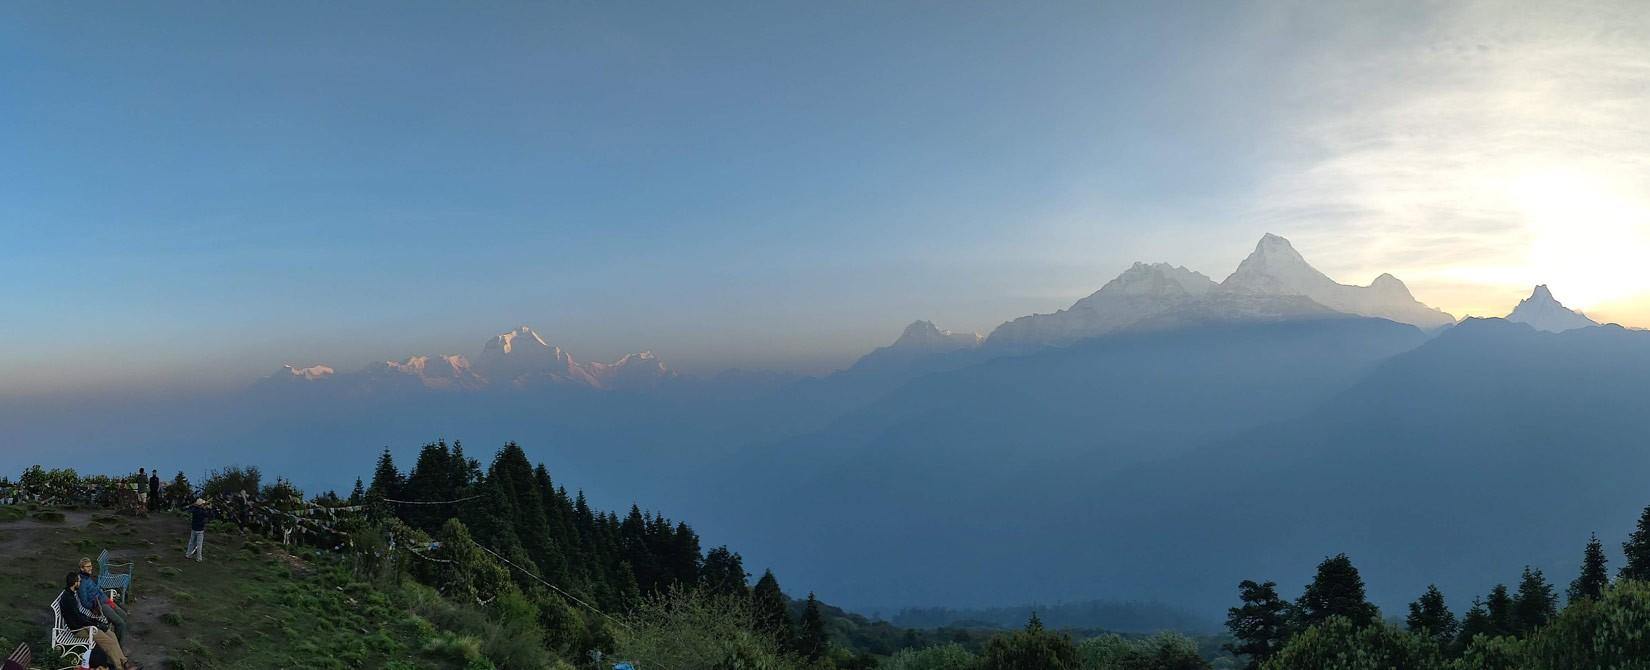 Visit Massive Annapurna Region